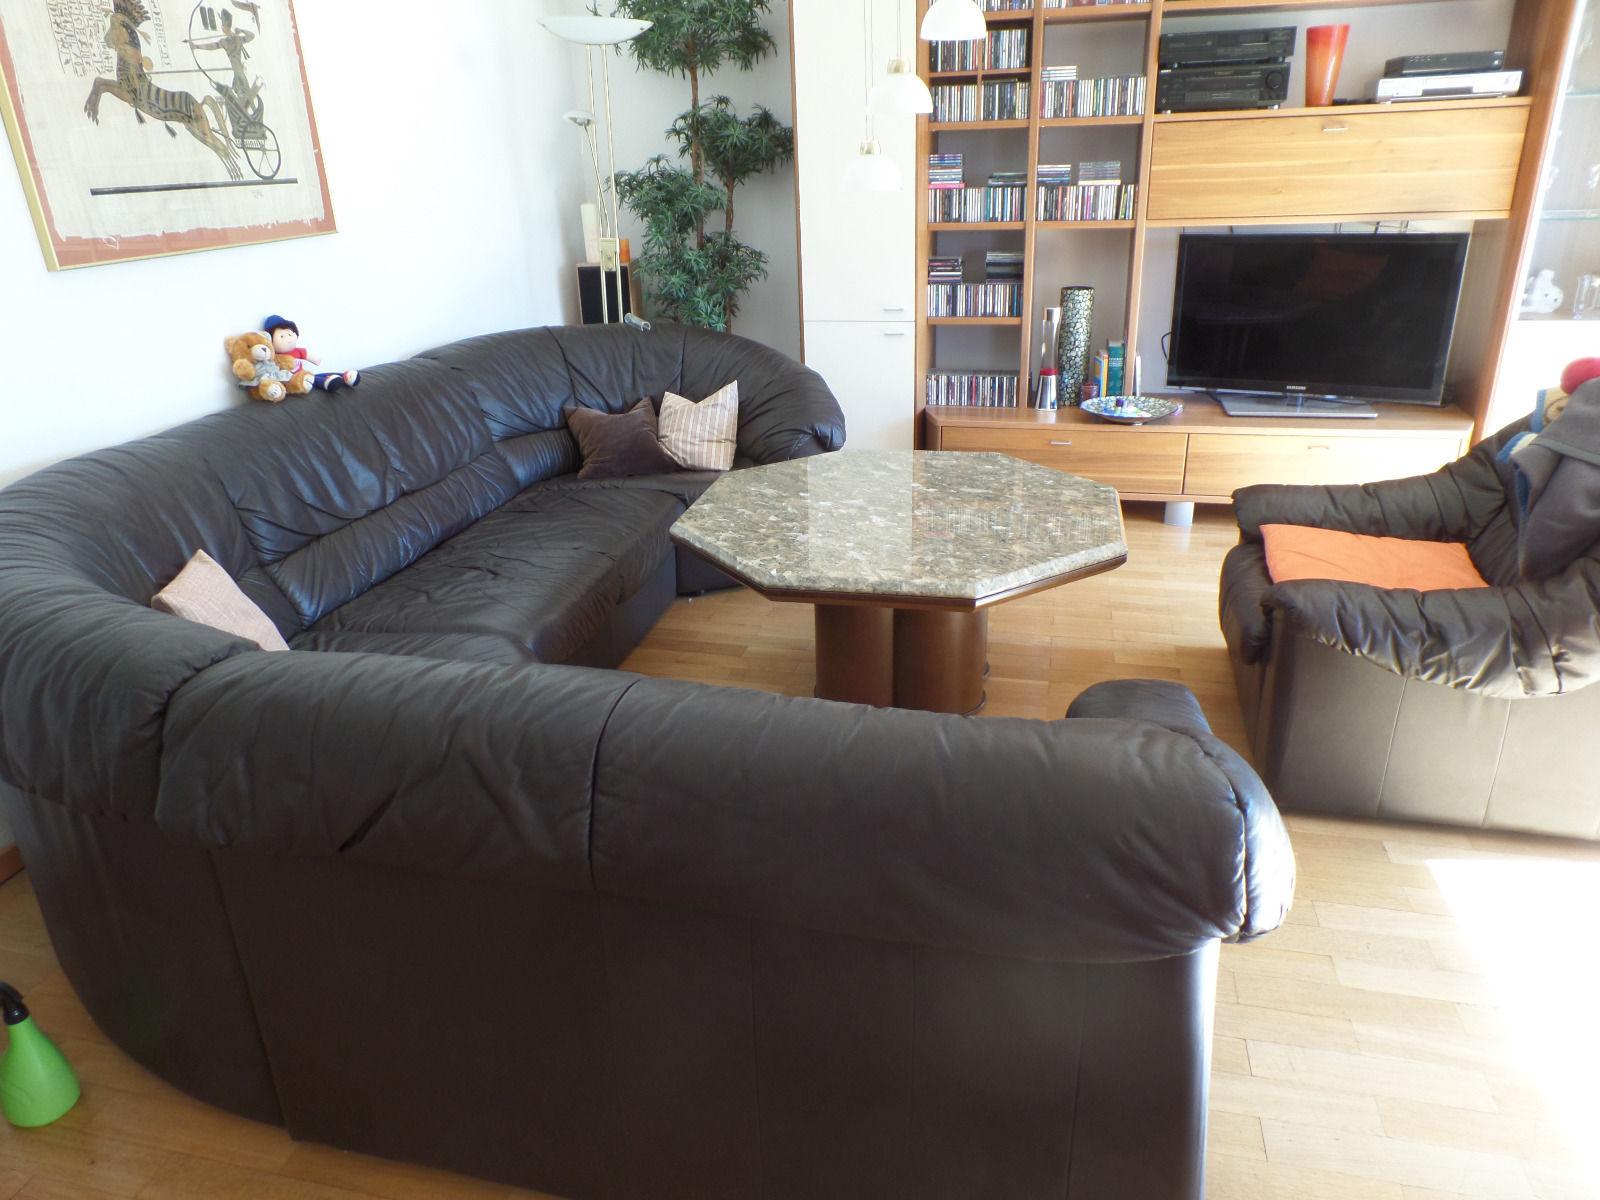 Wohnzimmer couchgarnitur de haus - Couchgarnitur wohnzimmer ...